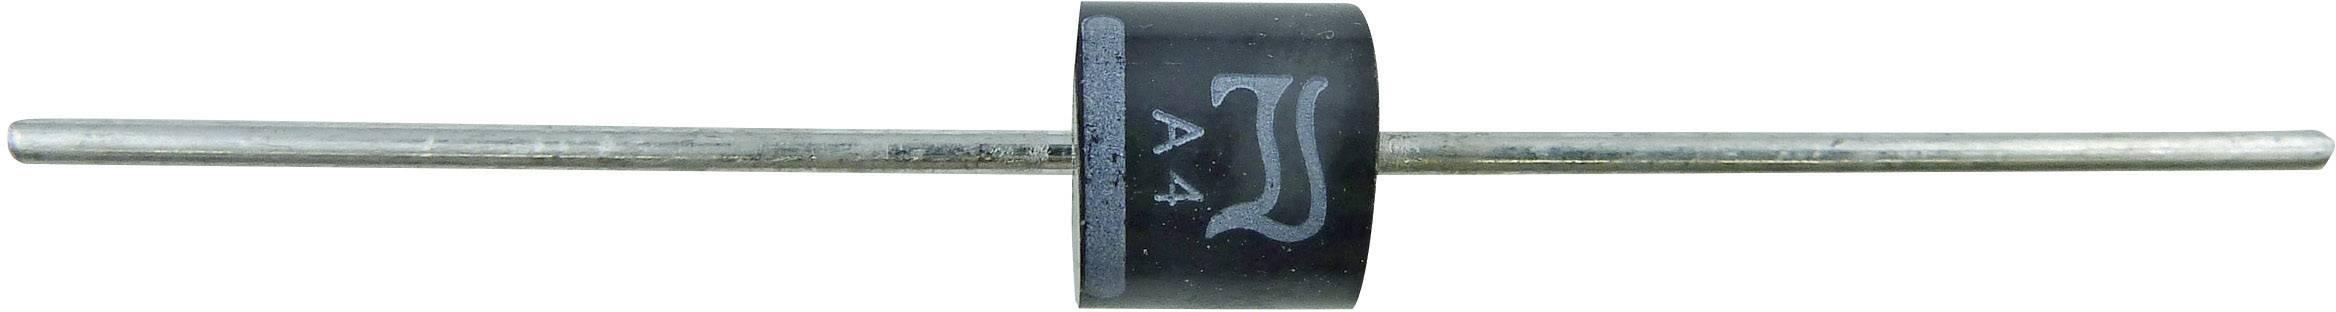 Schottkyho usmerňovacia dióda Diotec SBX2040, 20 A, 40 V